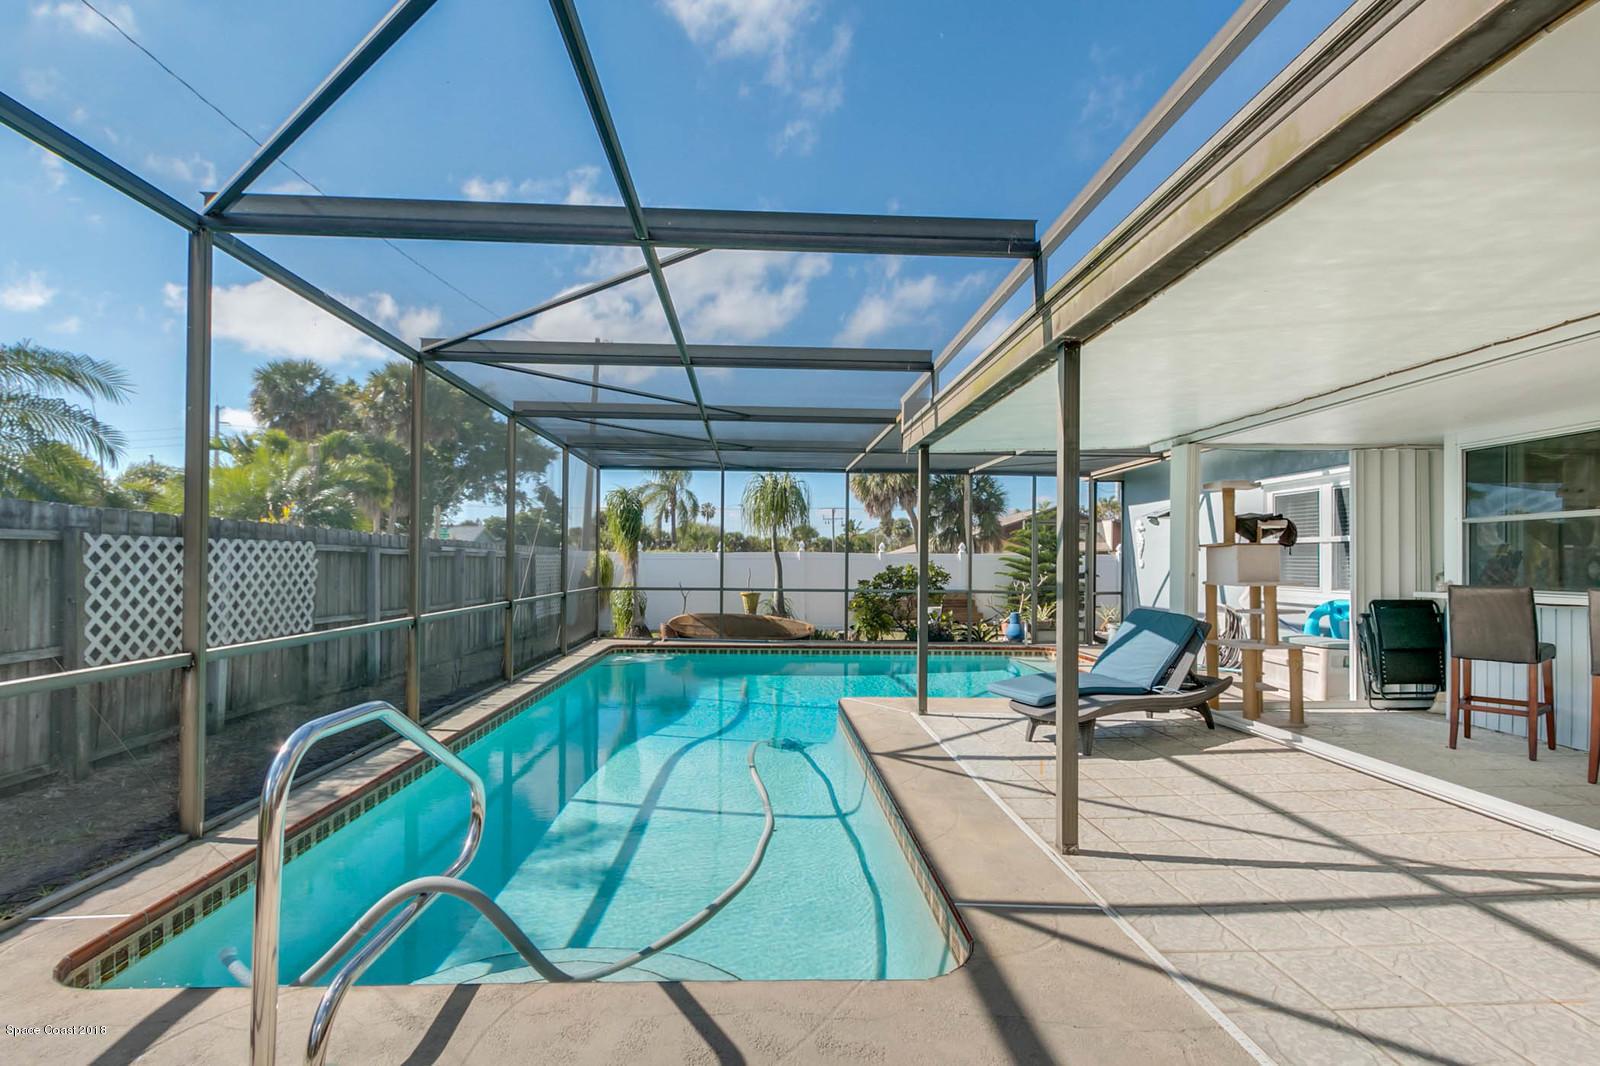 Single Family Home for Sale at 340 Apollo 340 Apollo Satellite Beach, Florida 32937 United States